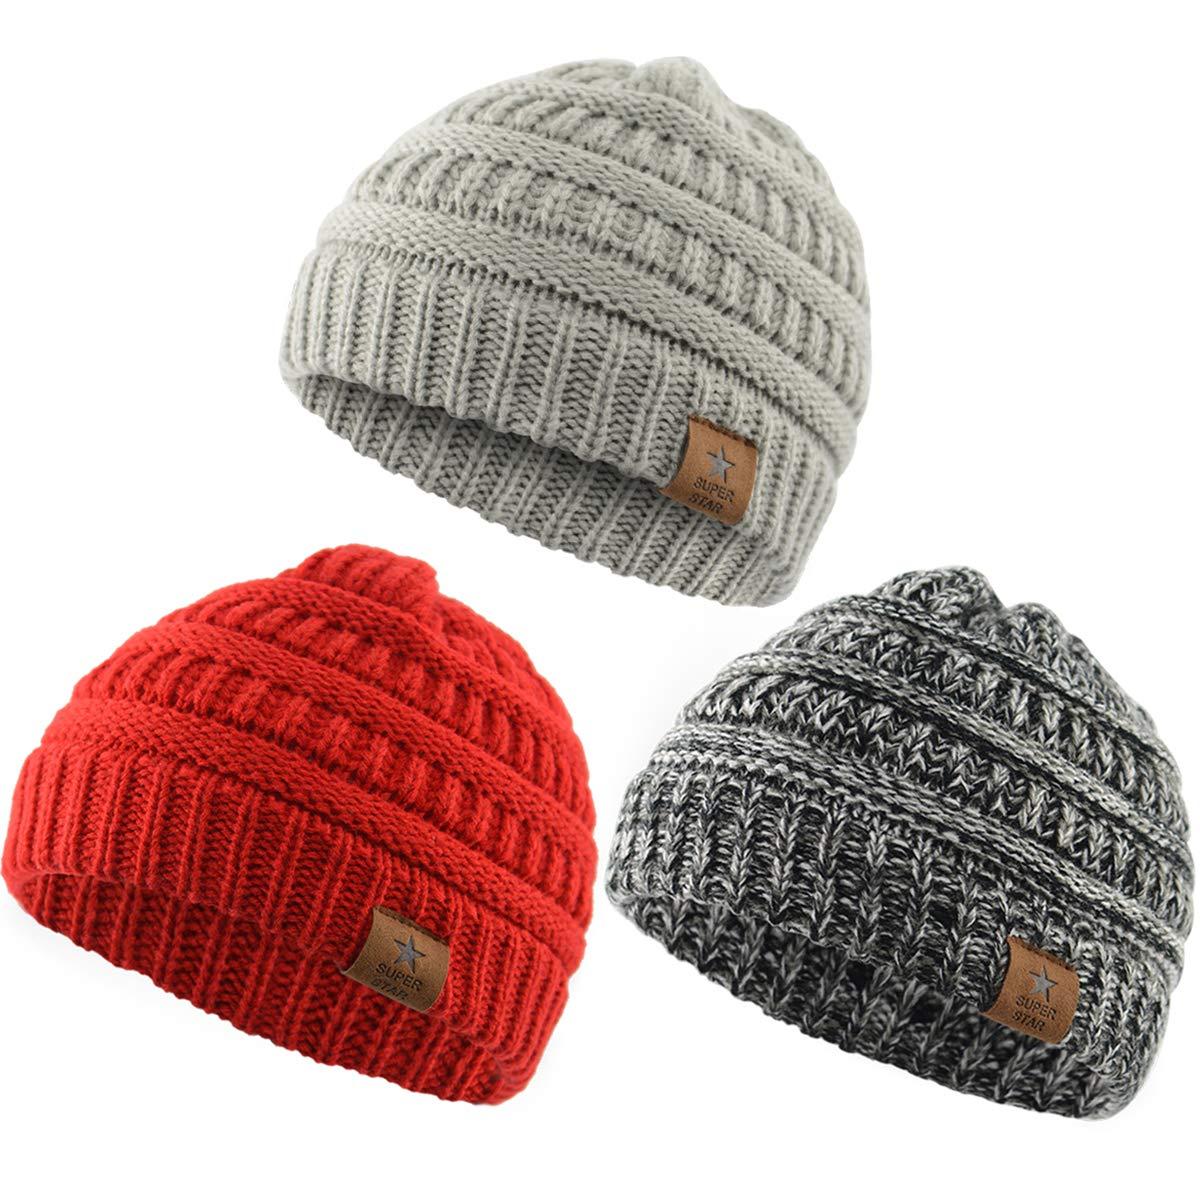 Baby Kids Knit Winter Warm Hats Boy Girl Infant Toddler Children's Beanie Caps 3 Pack Dark Grey& Llight Grey& Red